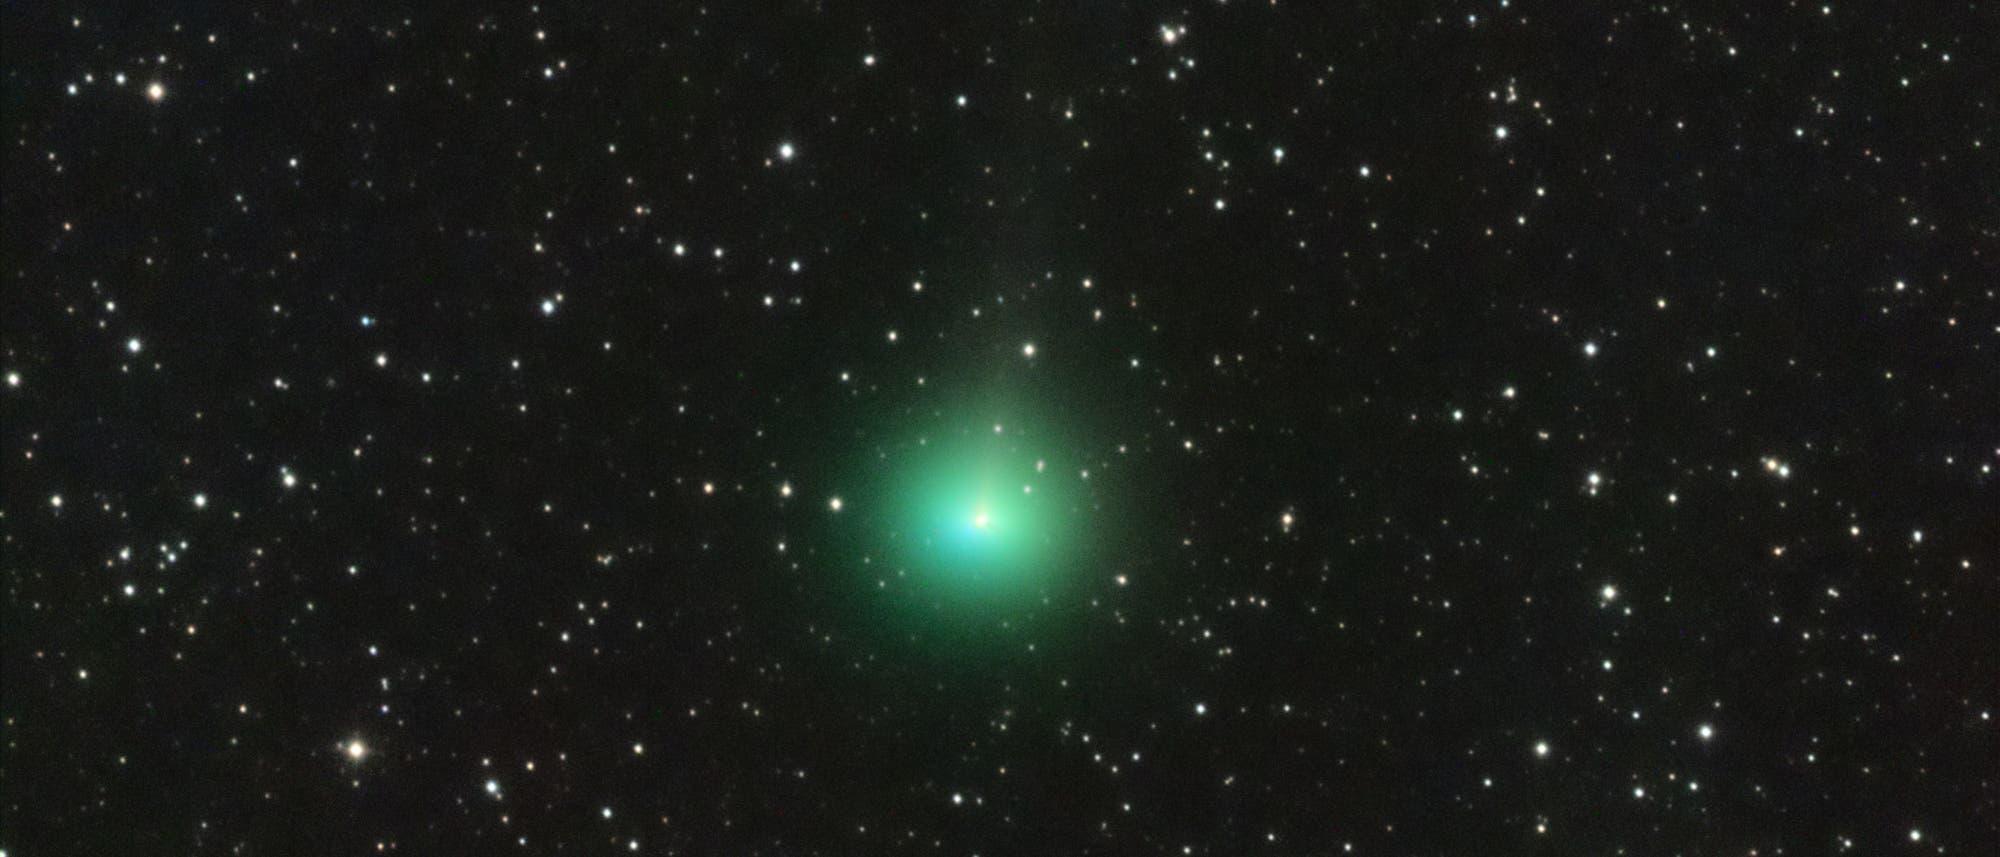 Comet C/2017 E4 Lovejoy